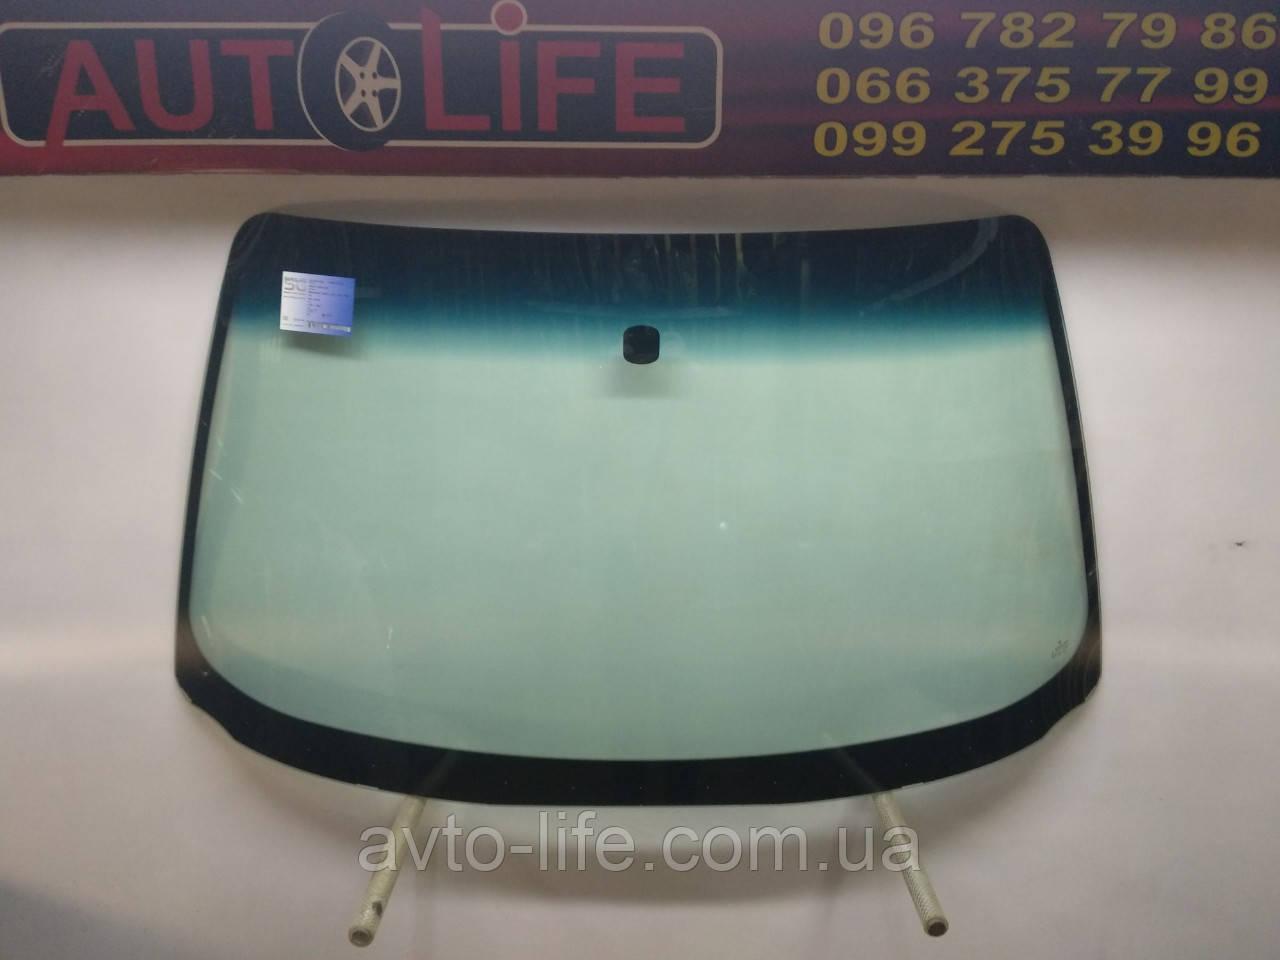 Лобовое стекло Mitsubishi Galant E50 (1993-1997) |Автостекло Митсубиси Галант | Доставка по Украине | ГАРАНТИЯ